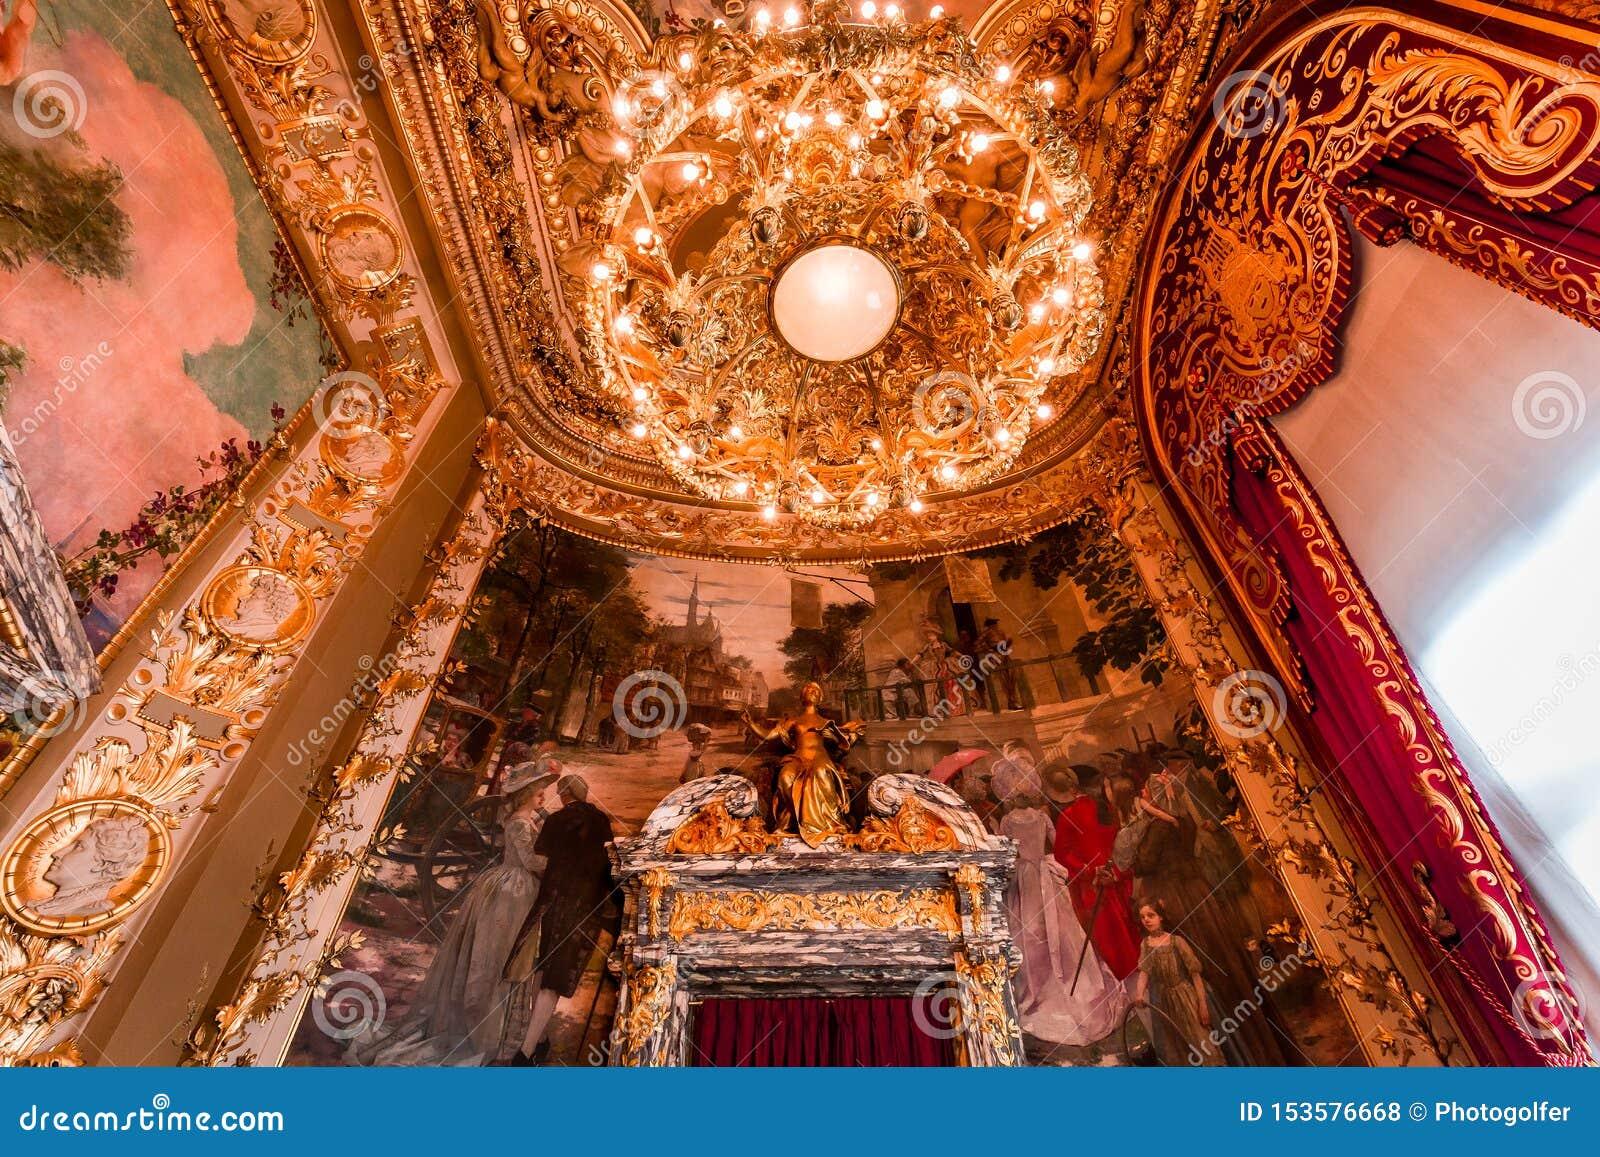 Opera Comique Of Paris  Interiors And Details Editorial